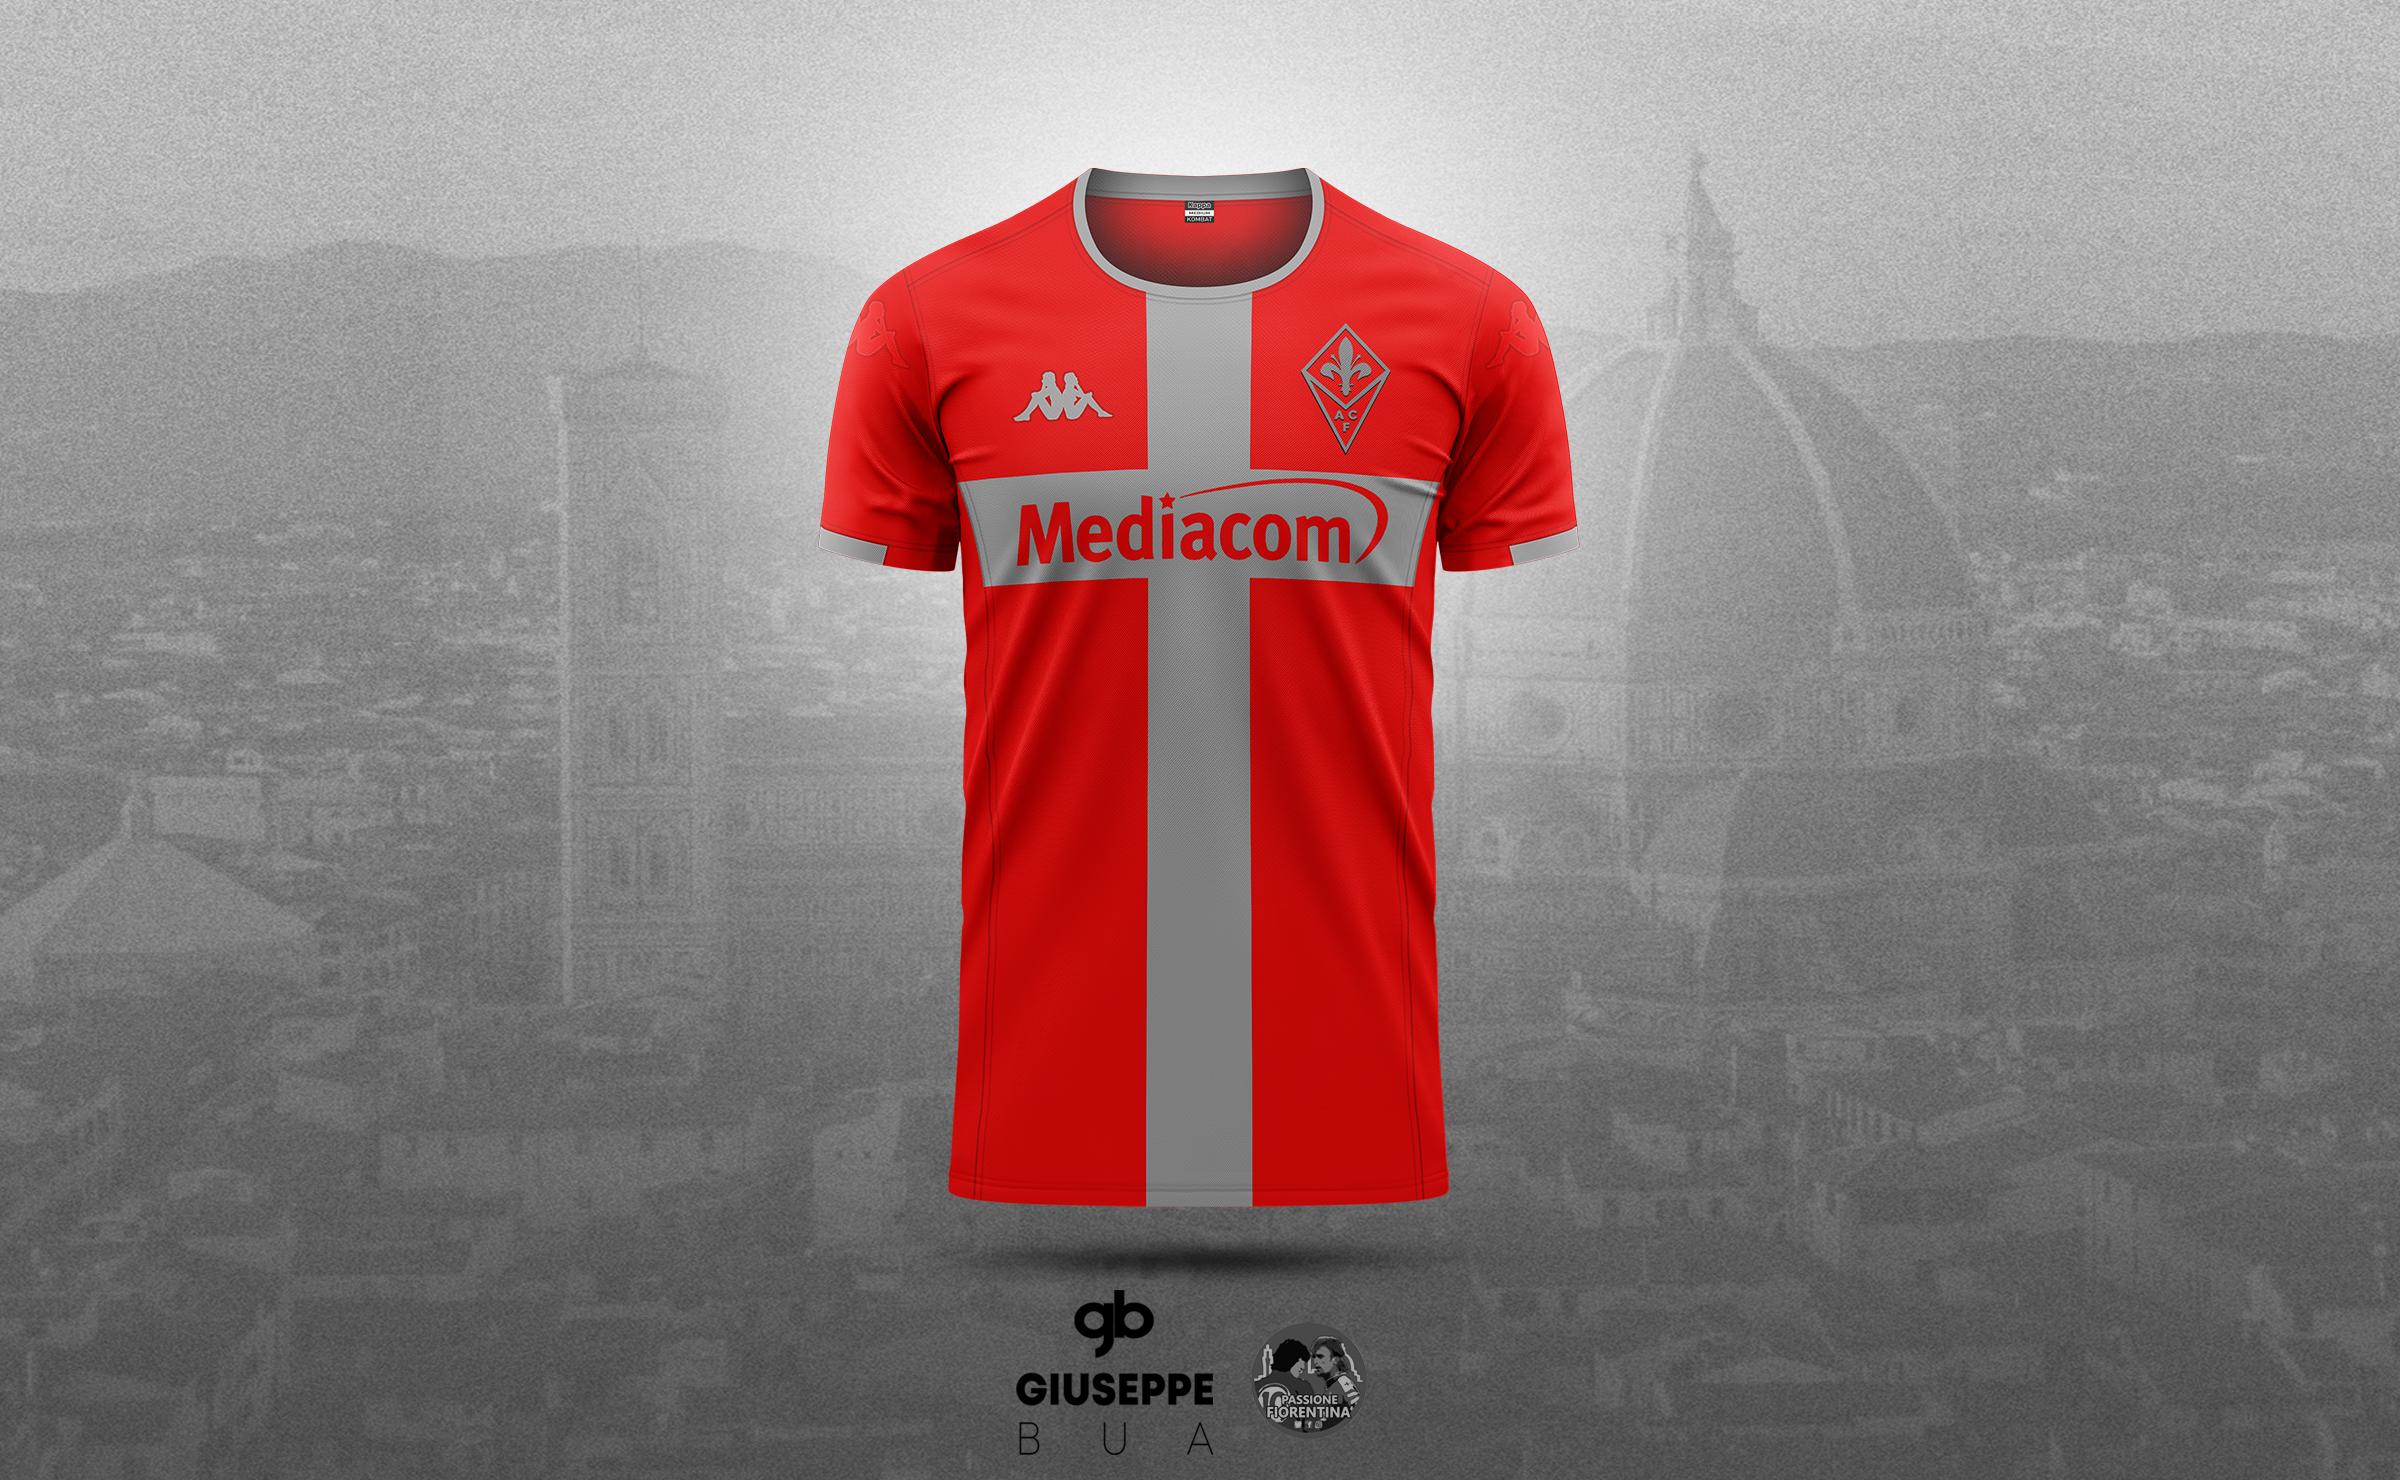 La terza maglia della Fiorentina? Rossa con la croce grigia in ...